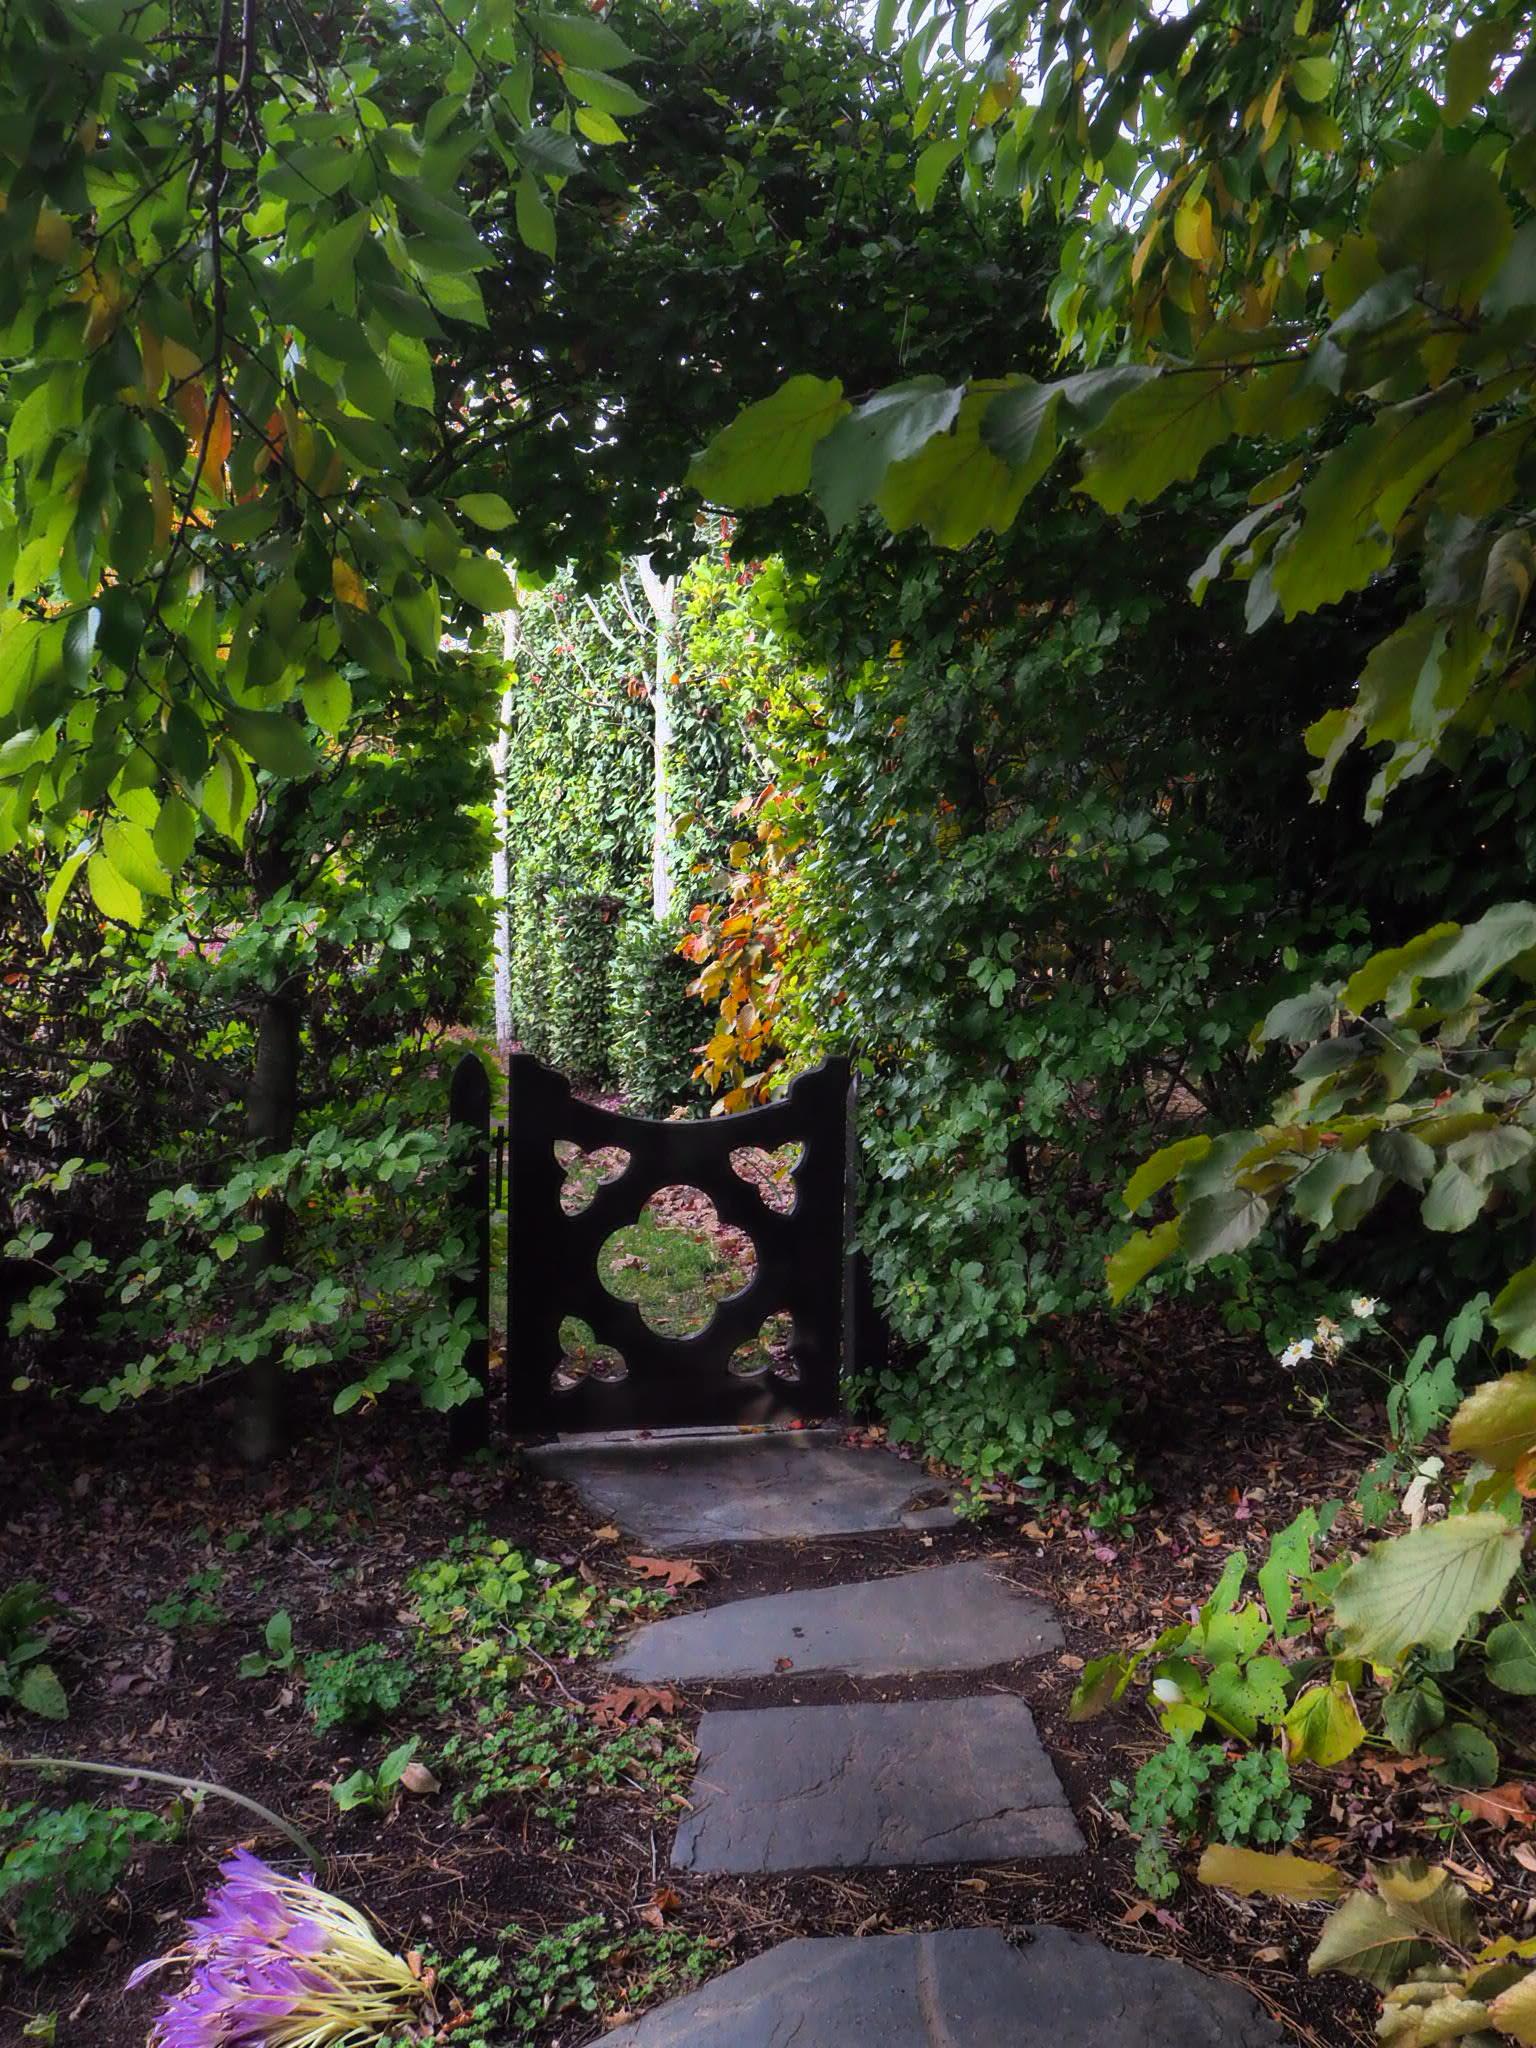 muskfarm_tank_garden_gate_autumn_IMG_3406.JPG